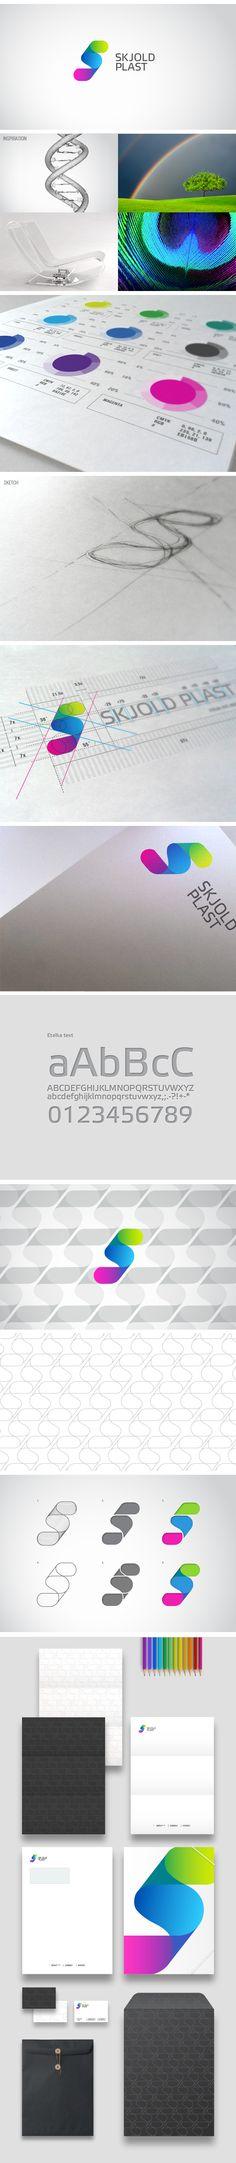 Skjold Plast : Logo ...